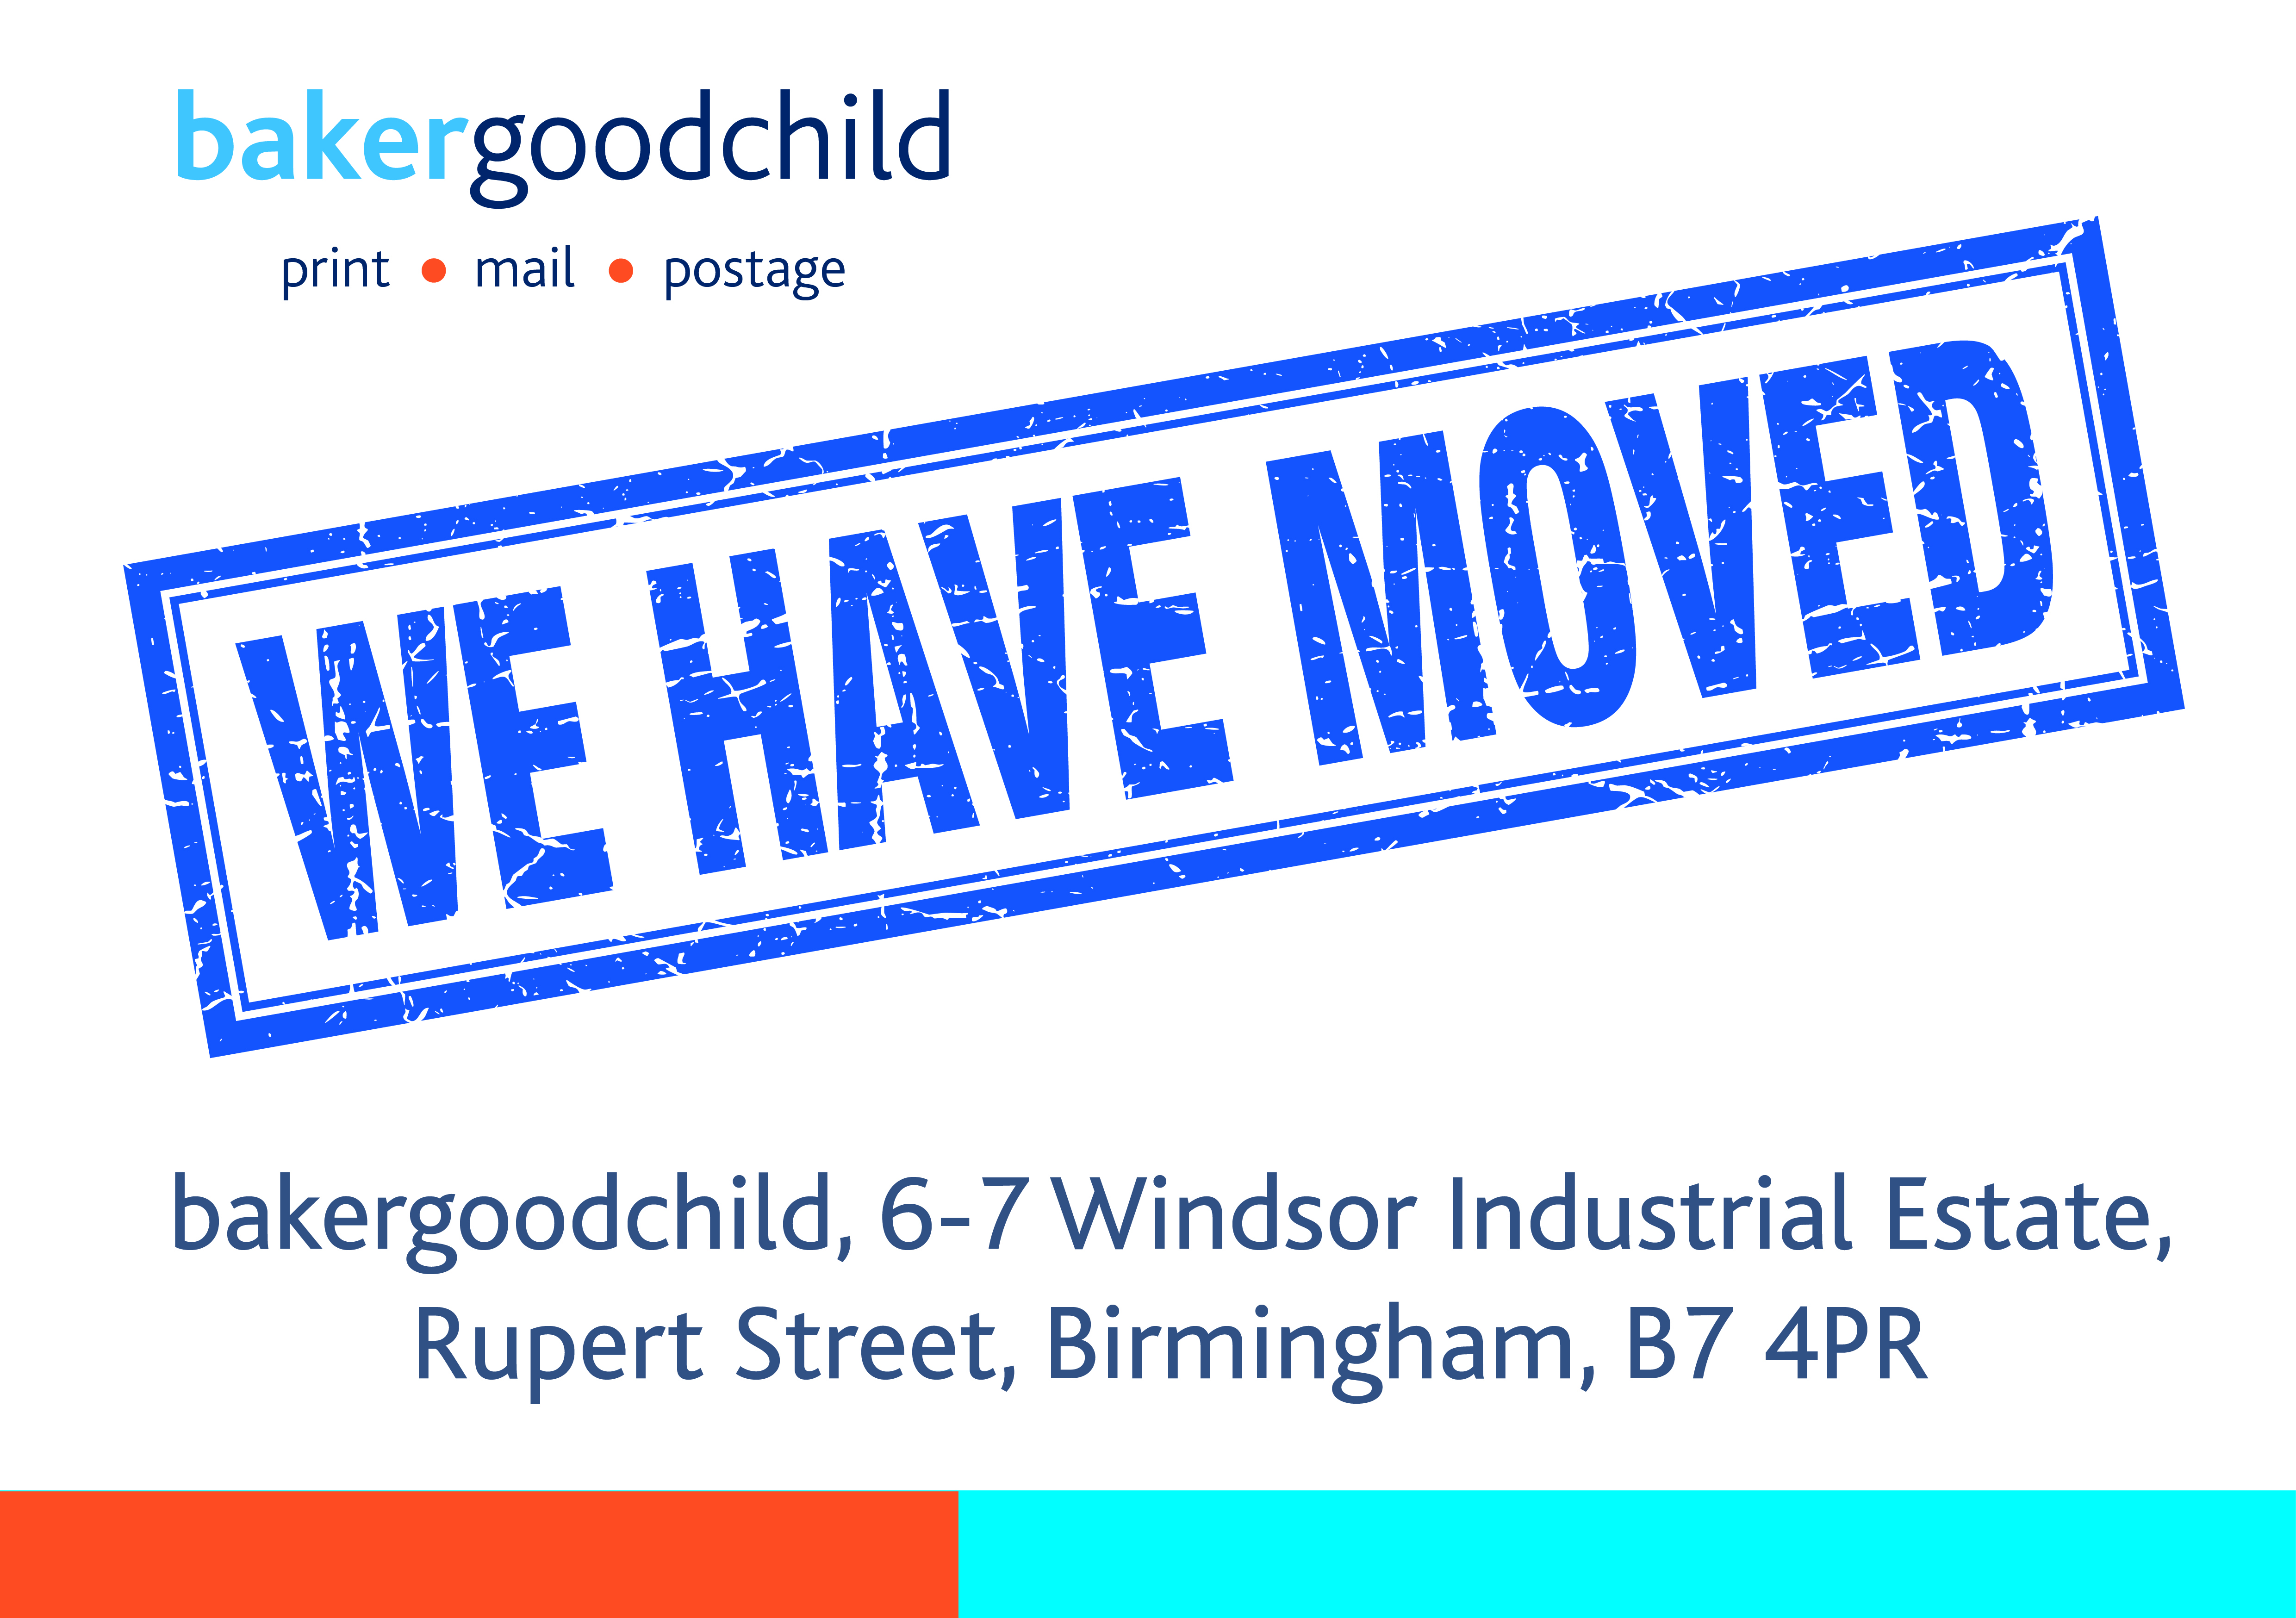 bakergoodchild moves into new premises